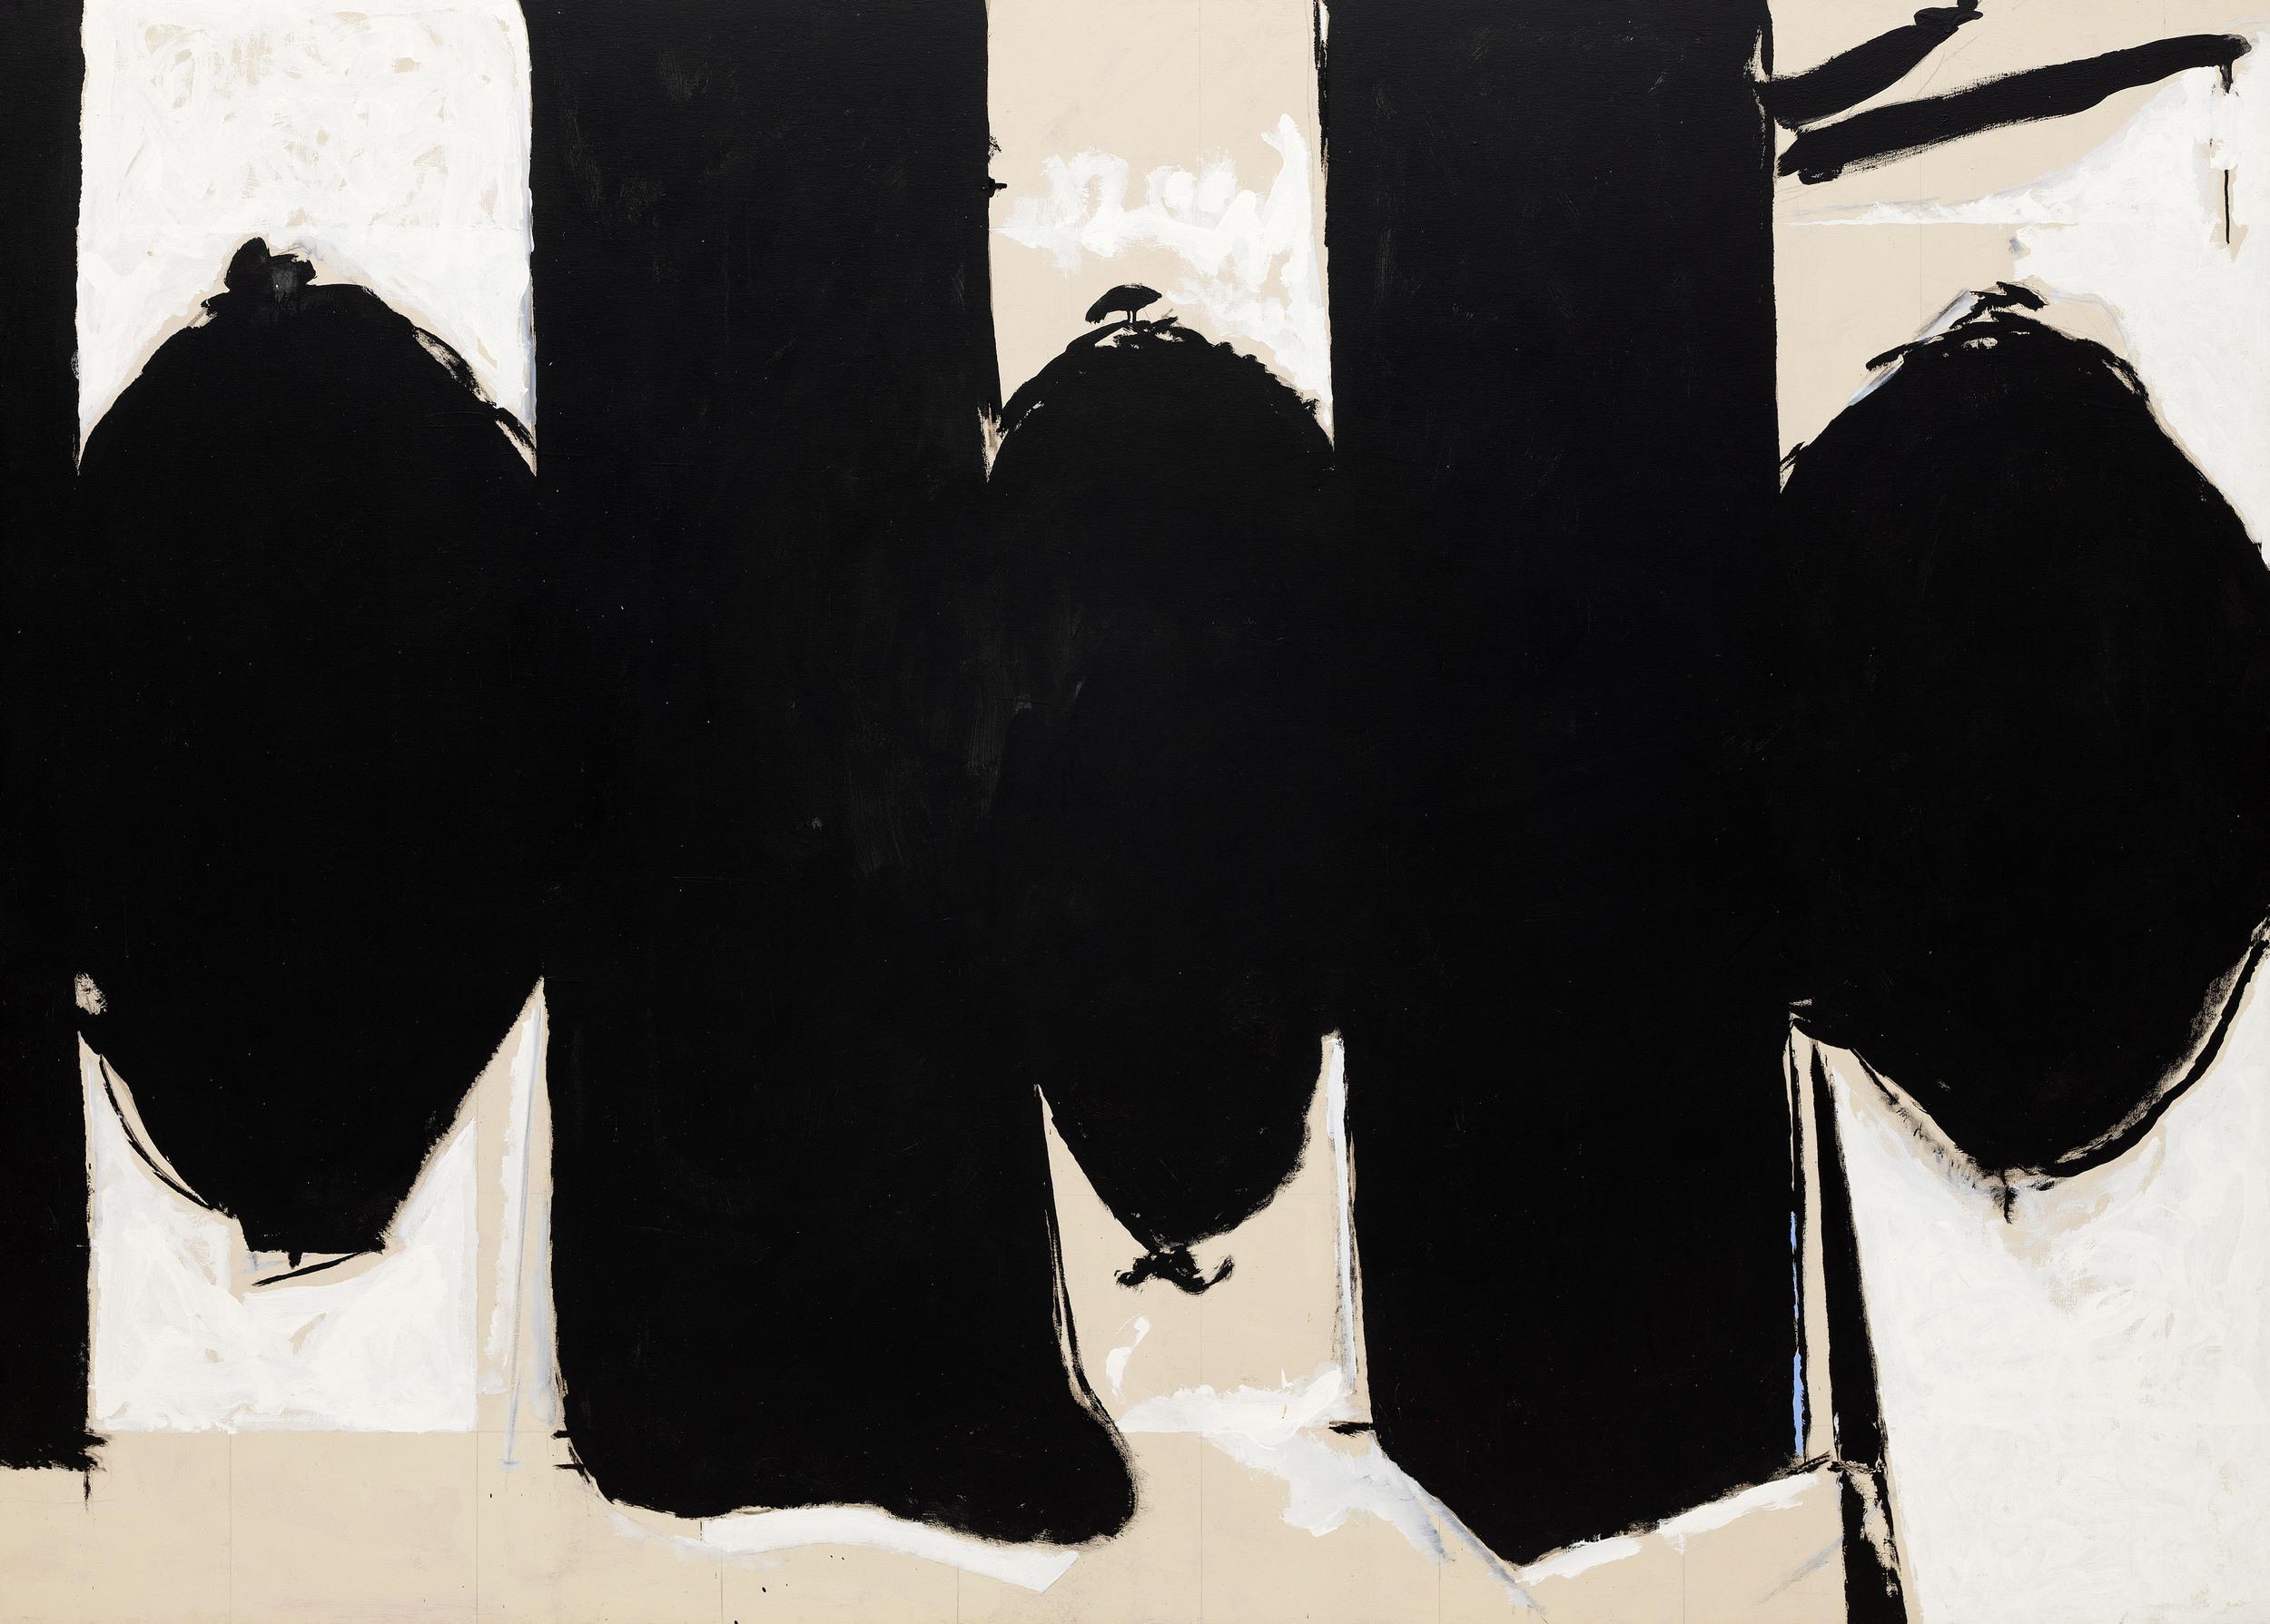 Robert Motherwell,  Elegy to the Spanish Republic No. 110 , 1971, Solomon R. Guggenheim Museum, New York.